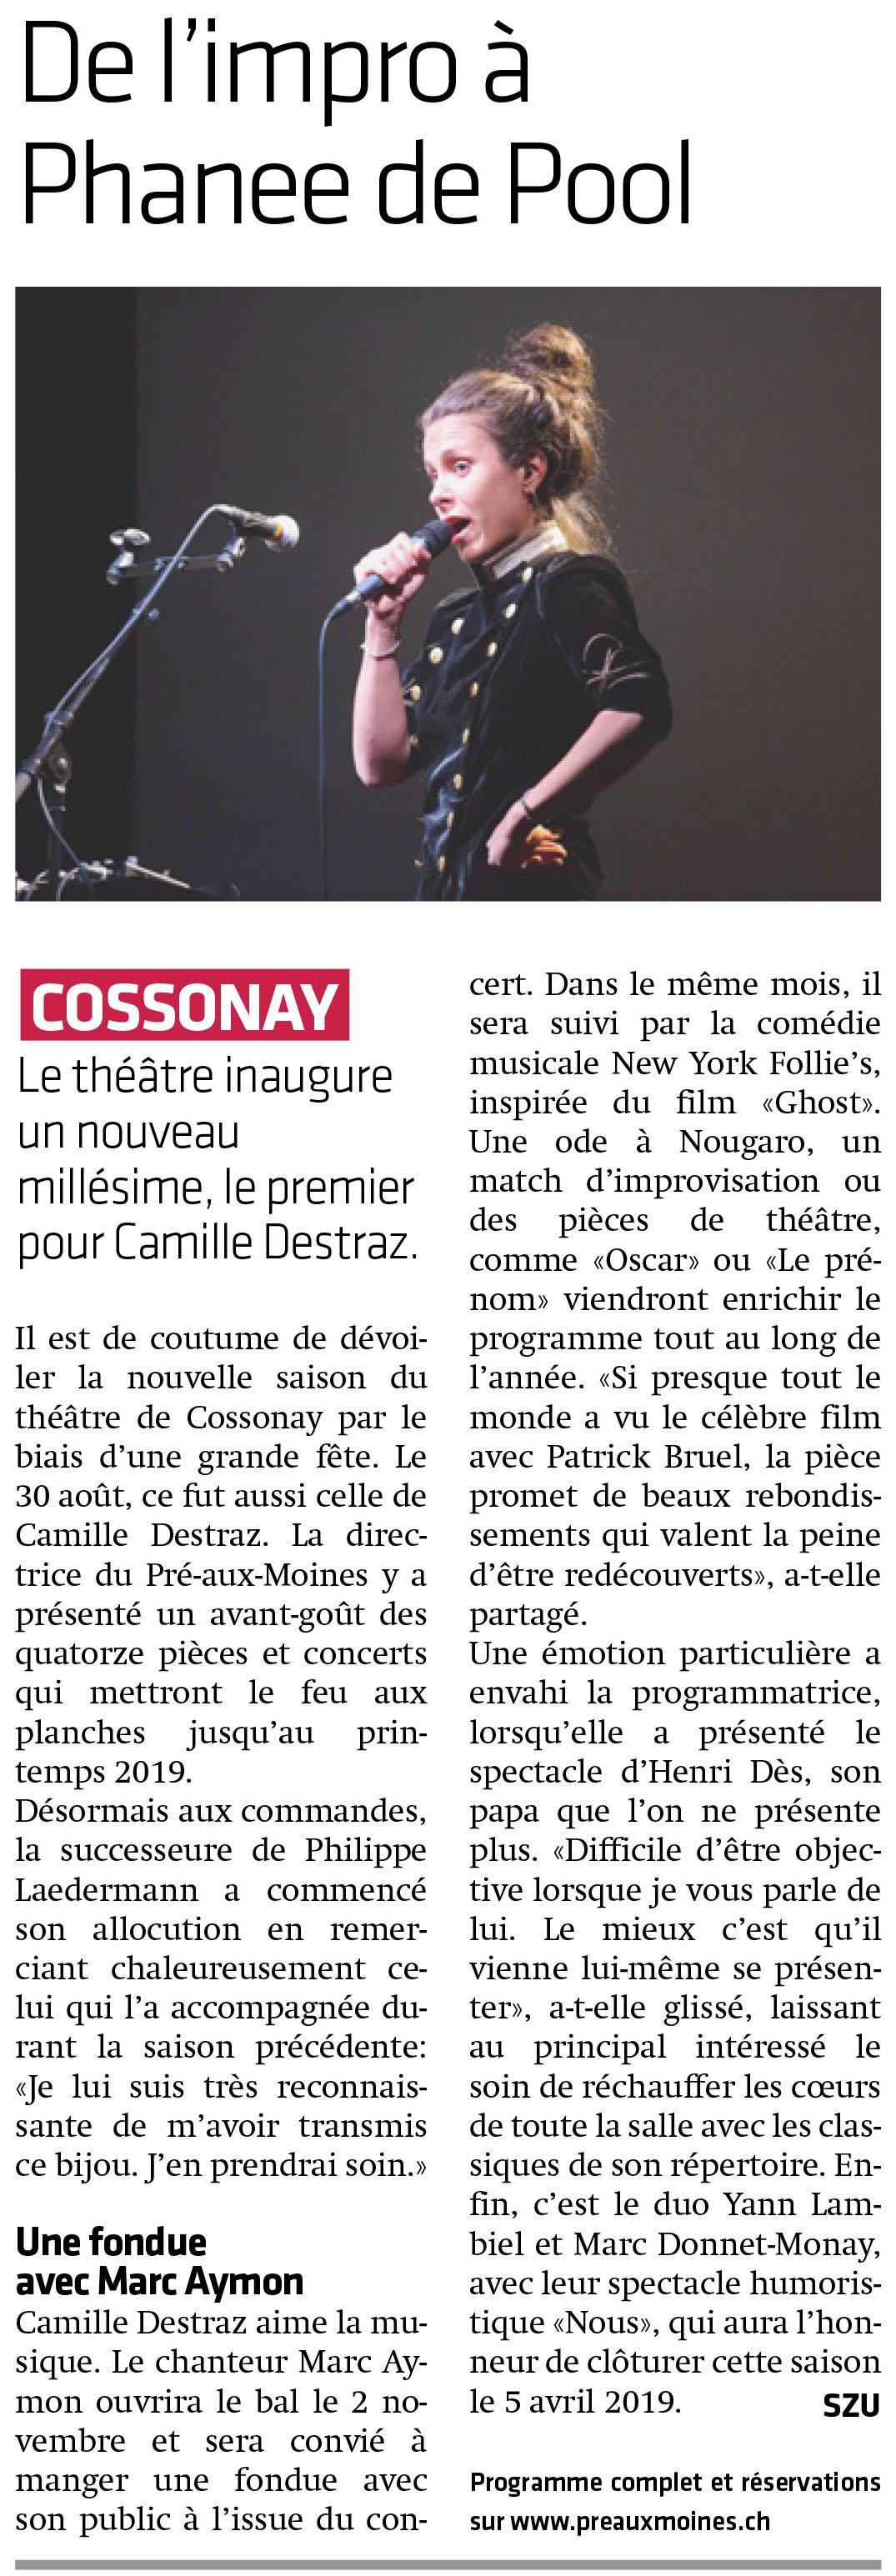 La Côte, 14.09.2018